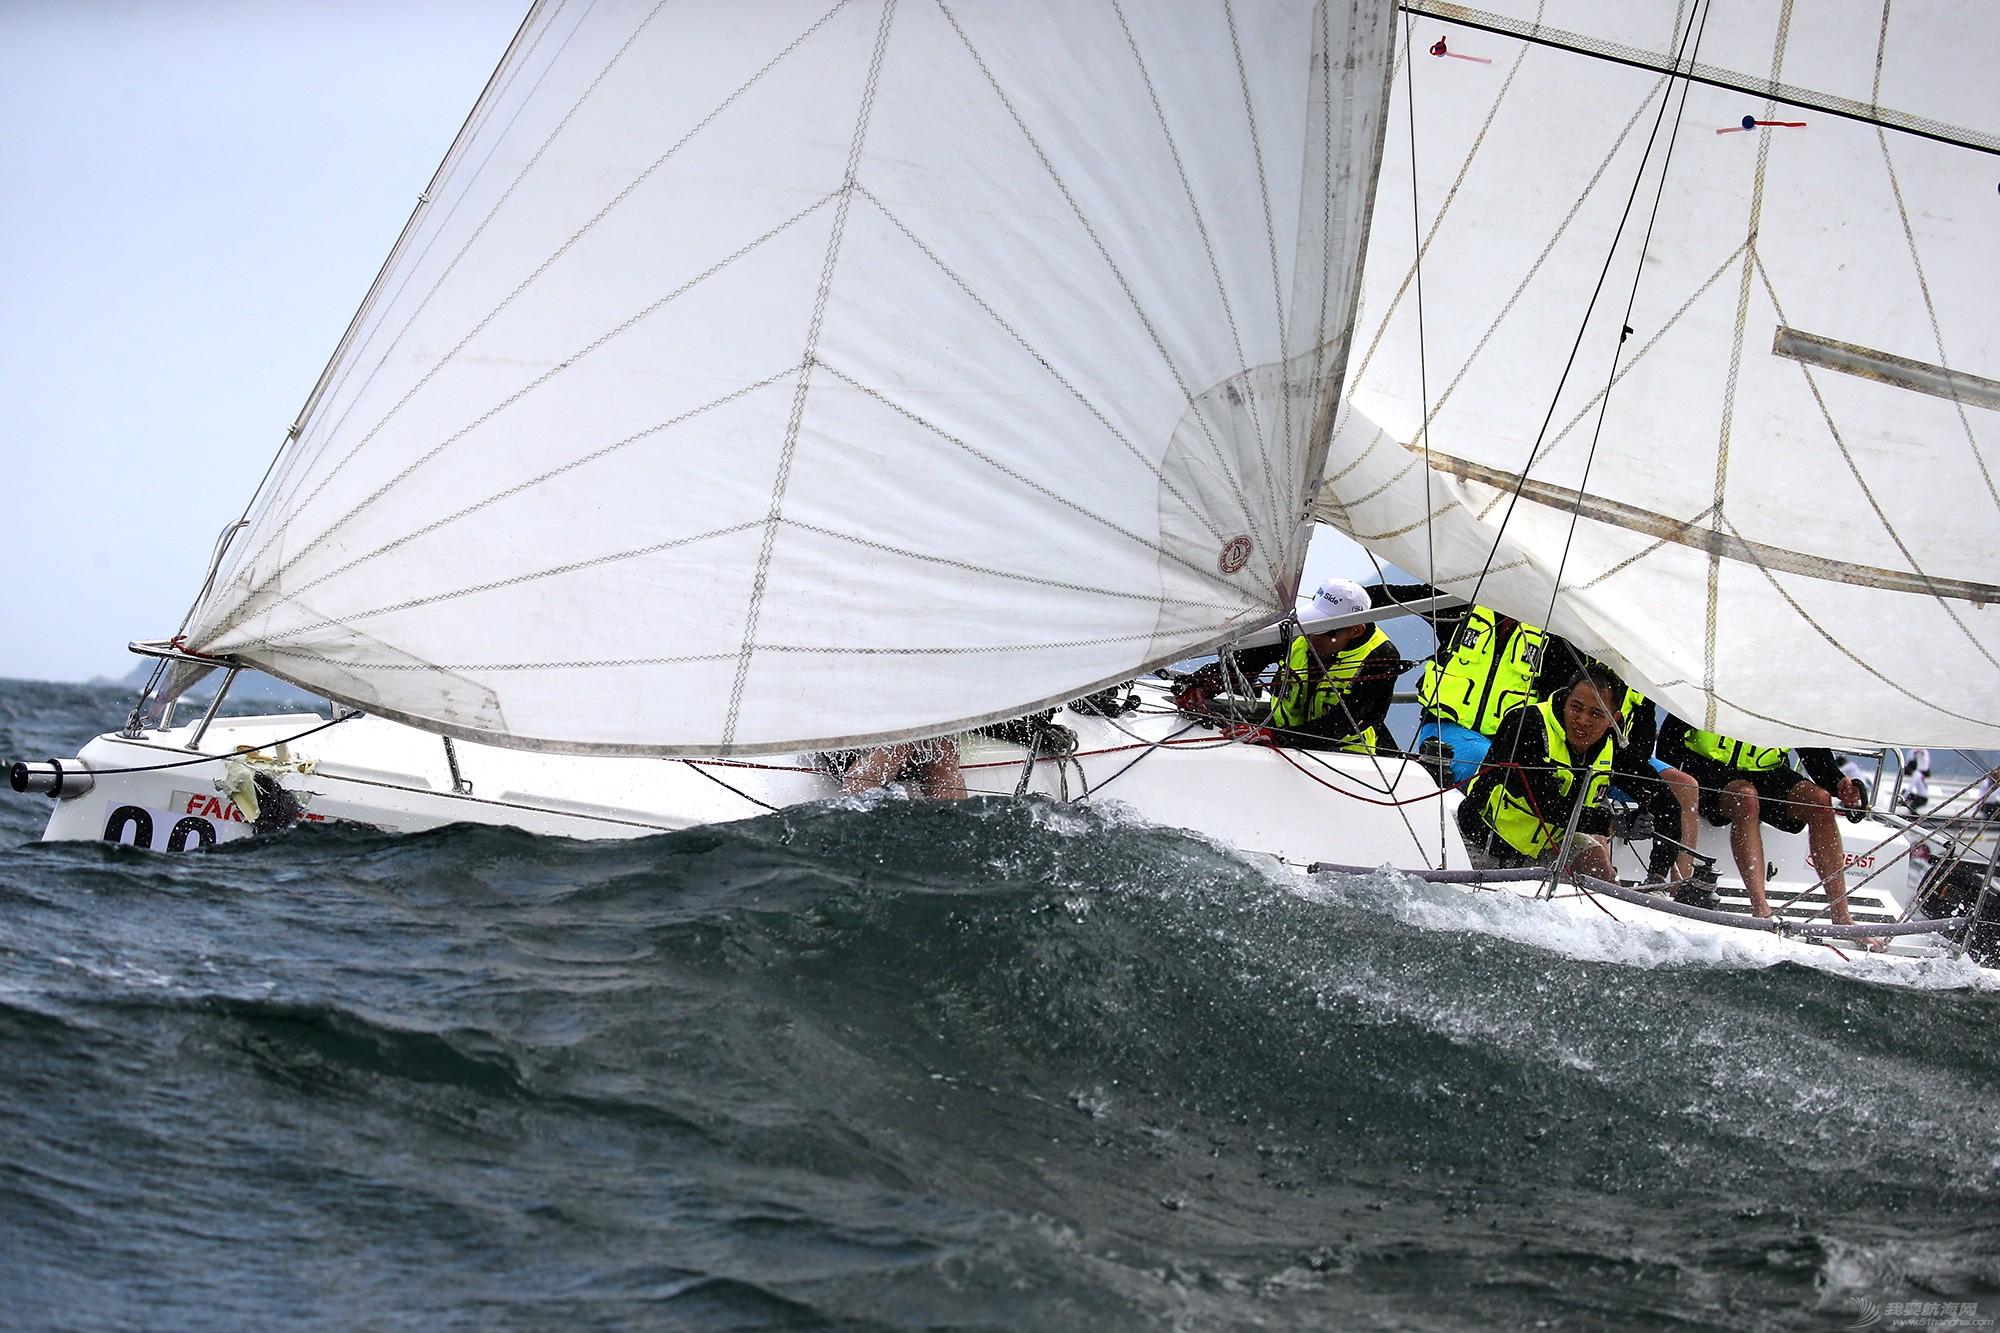 中国 中国杯帆船赛第三日——无风不起浪,雨中见刀枪 E78W7207.JPG